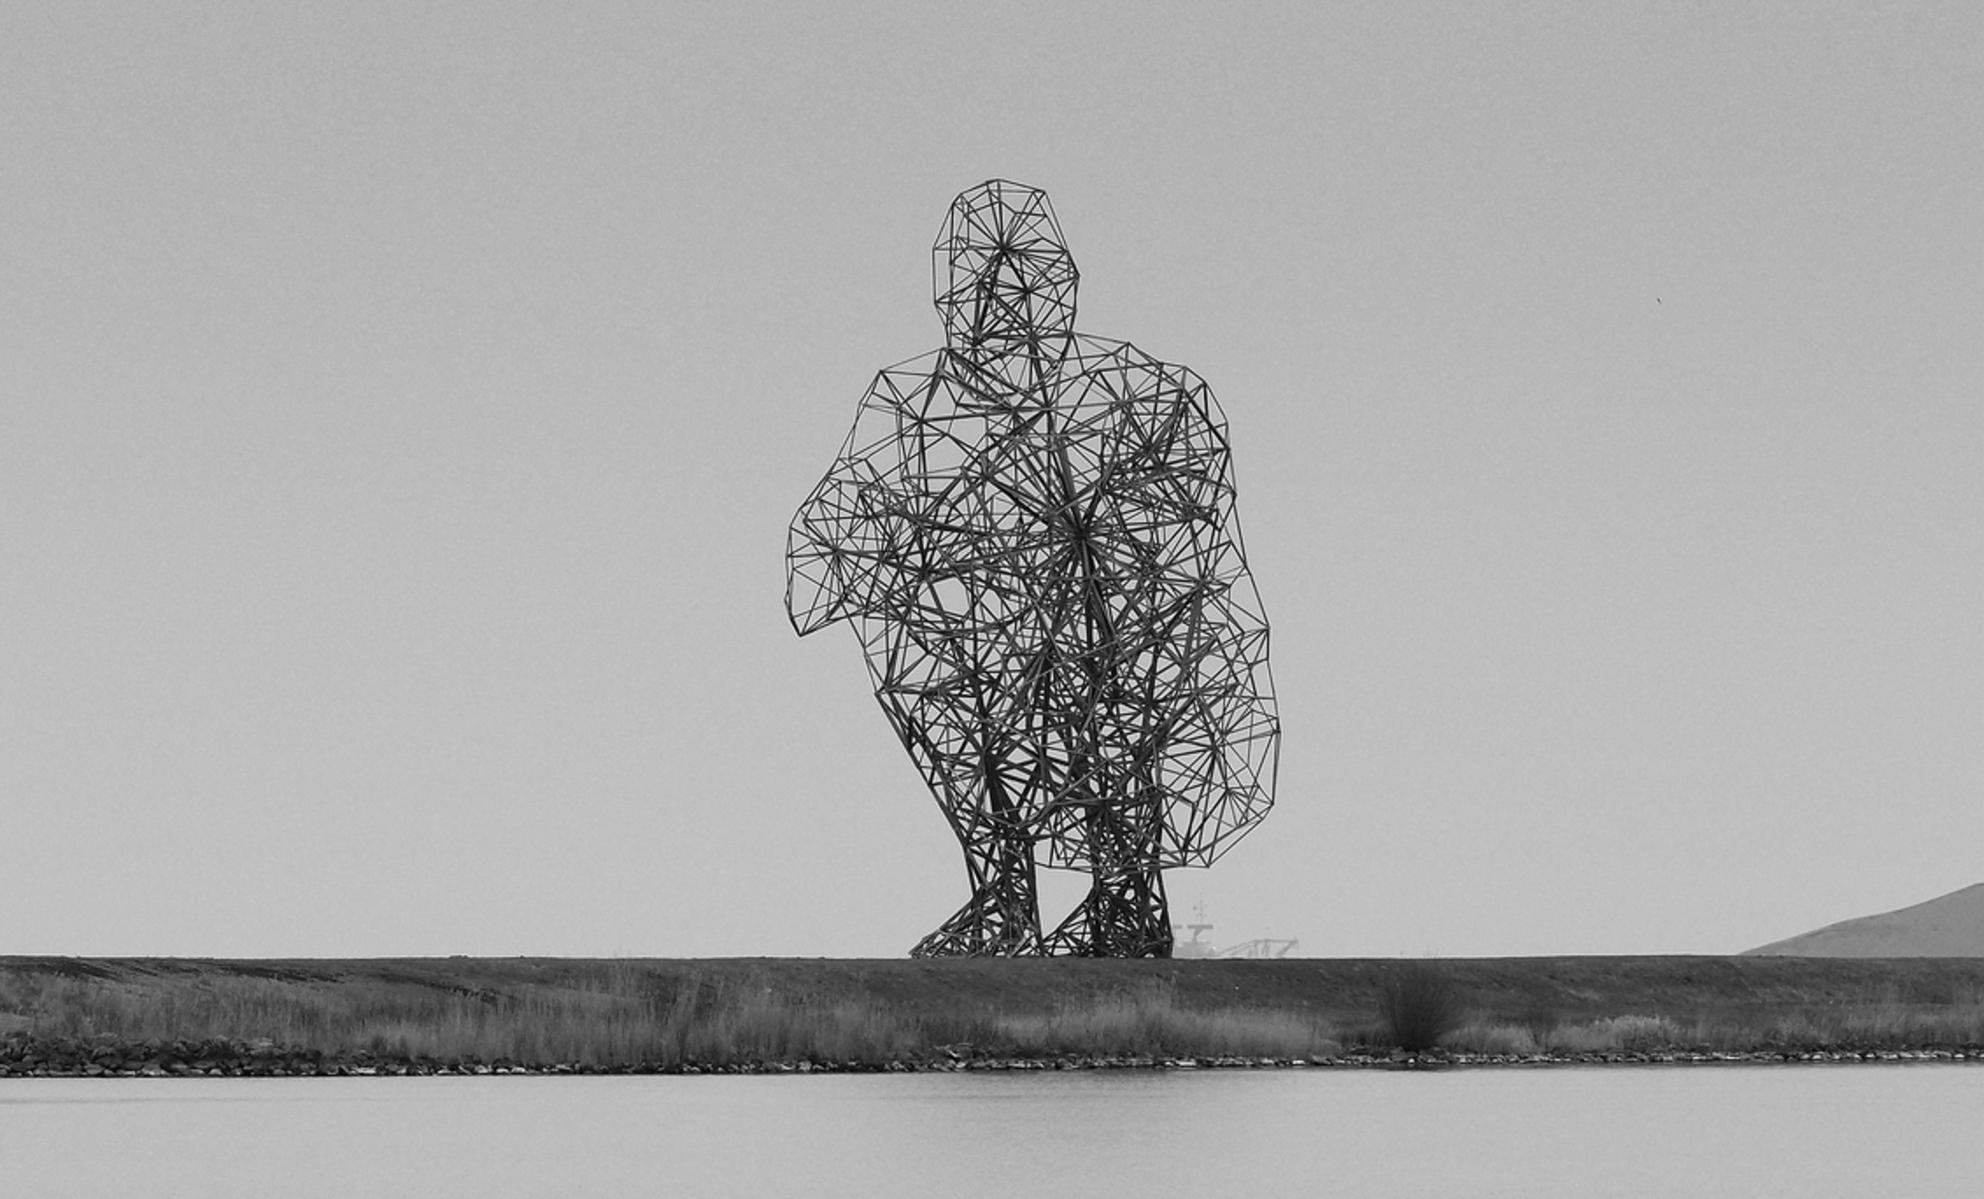 Archie - De man van staal - foto door pietsnoeier op 02-04-2021 - deze foto bevat: man, staal, architectuur, kunst, markermeer